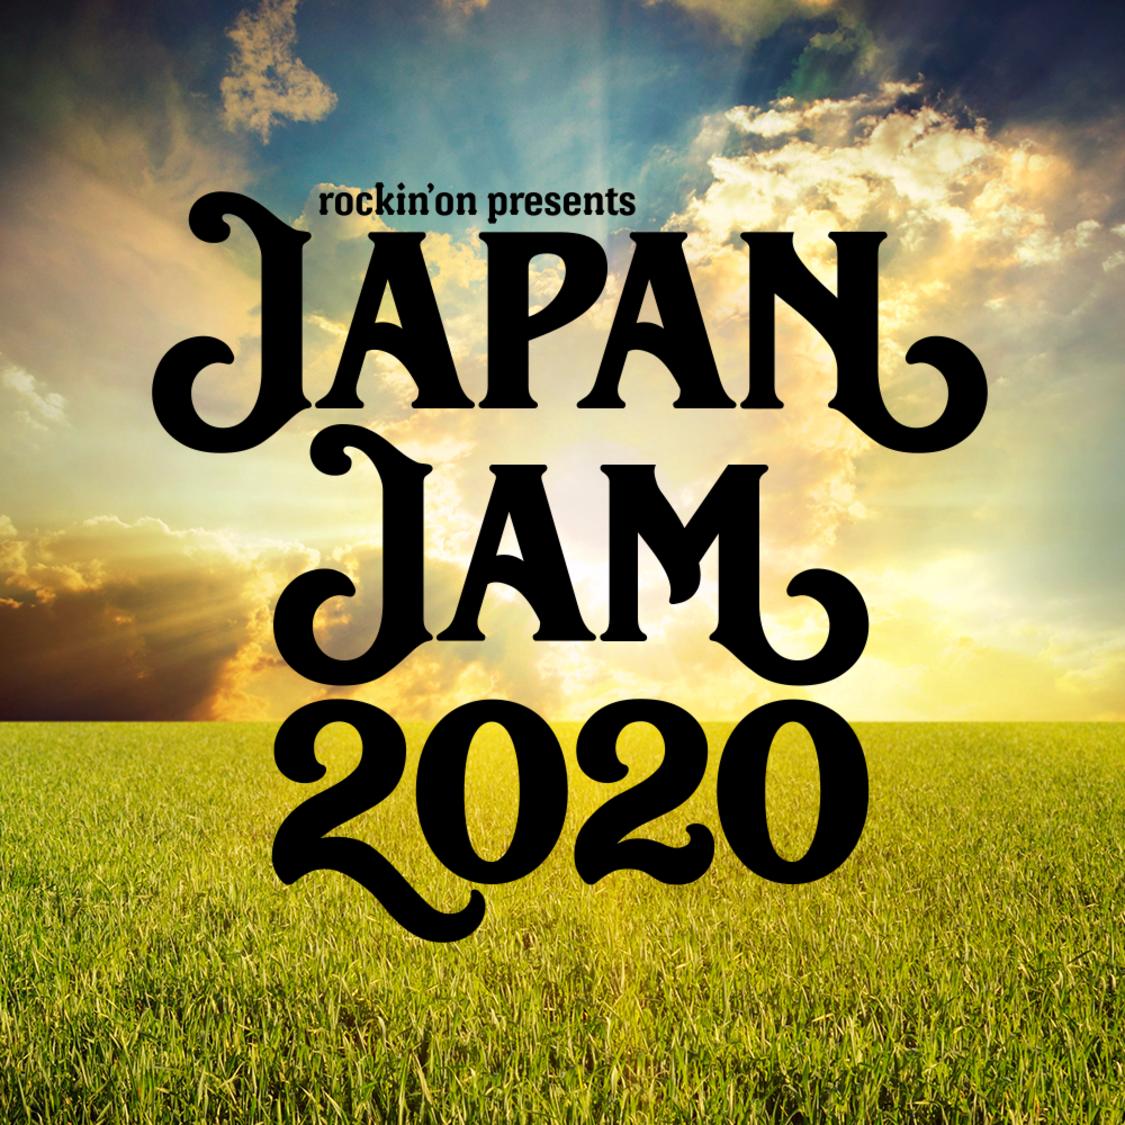 モーニング娘。'20、ももクロ、BiSH、アンジュルムら参加<JフェスアプリでJAPAN JAM>、アーカイブ配信決定!